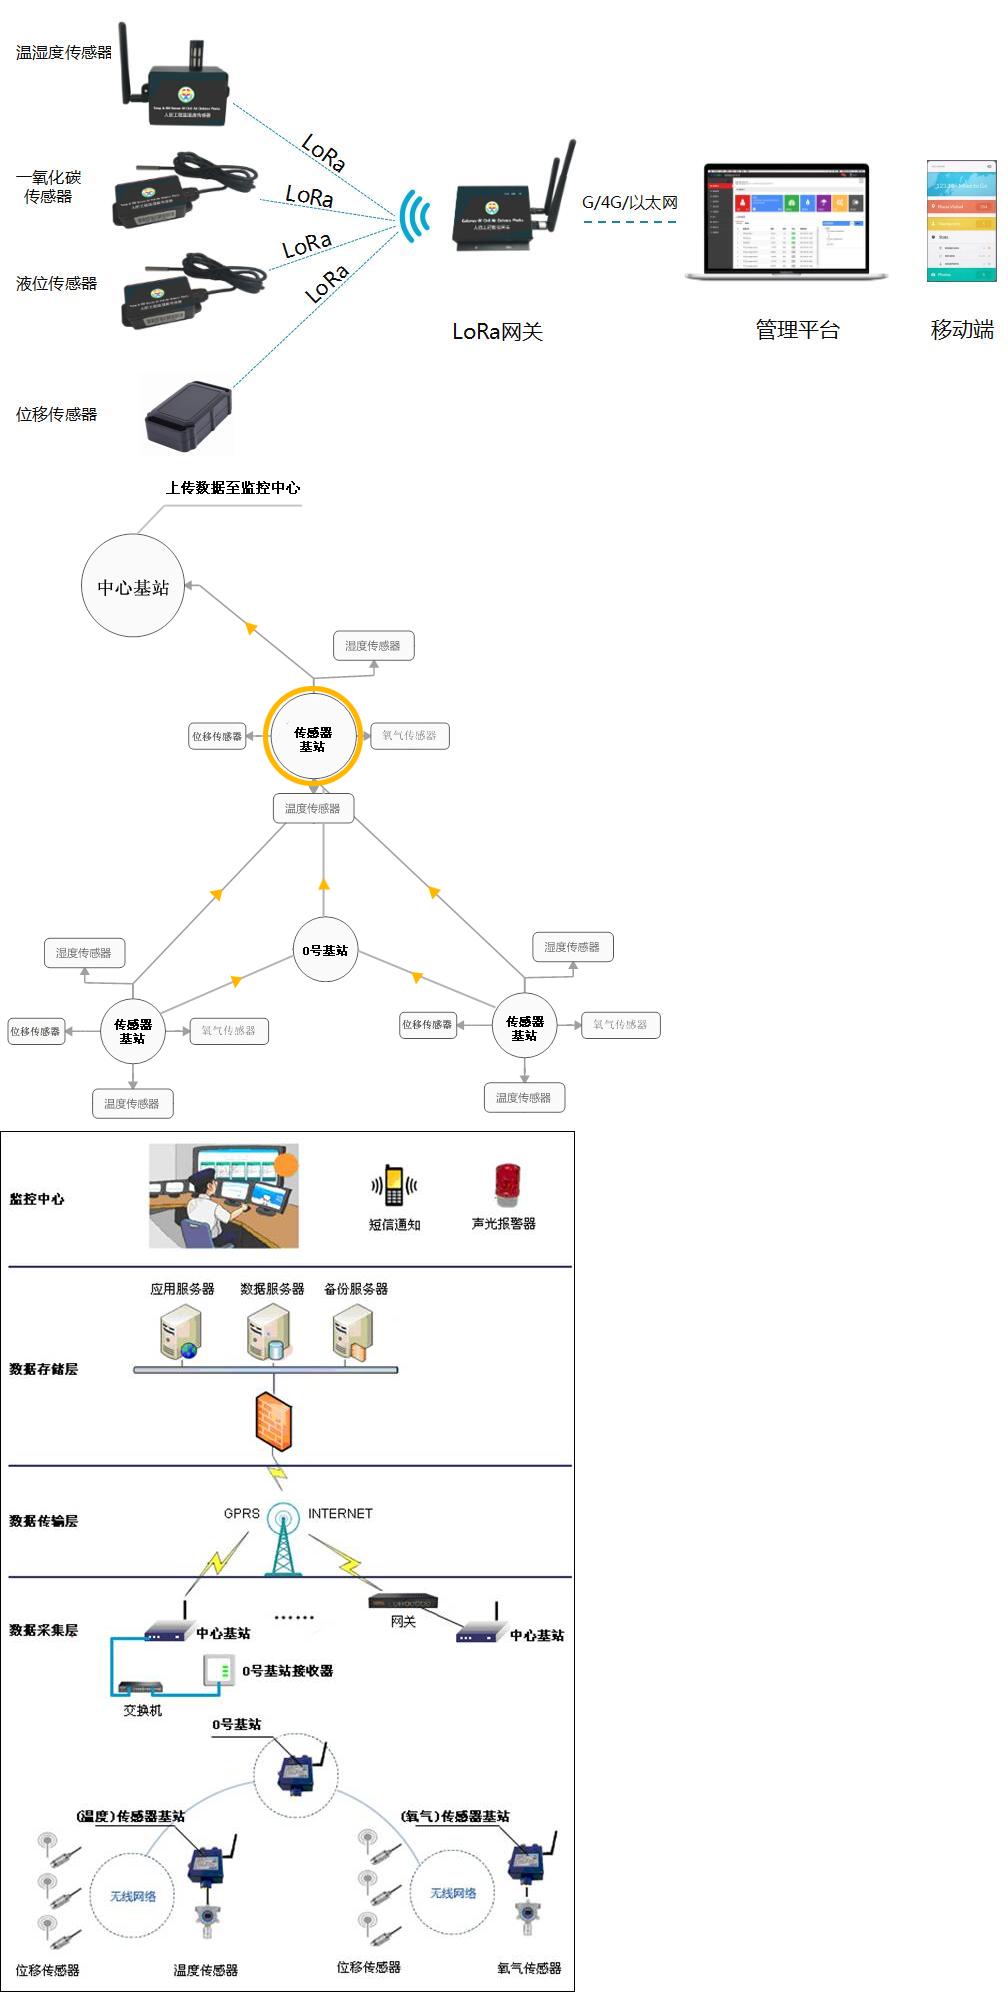 物联网智能化监测及控制软件